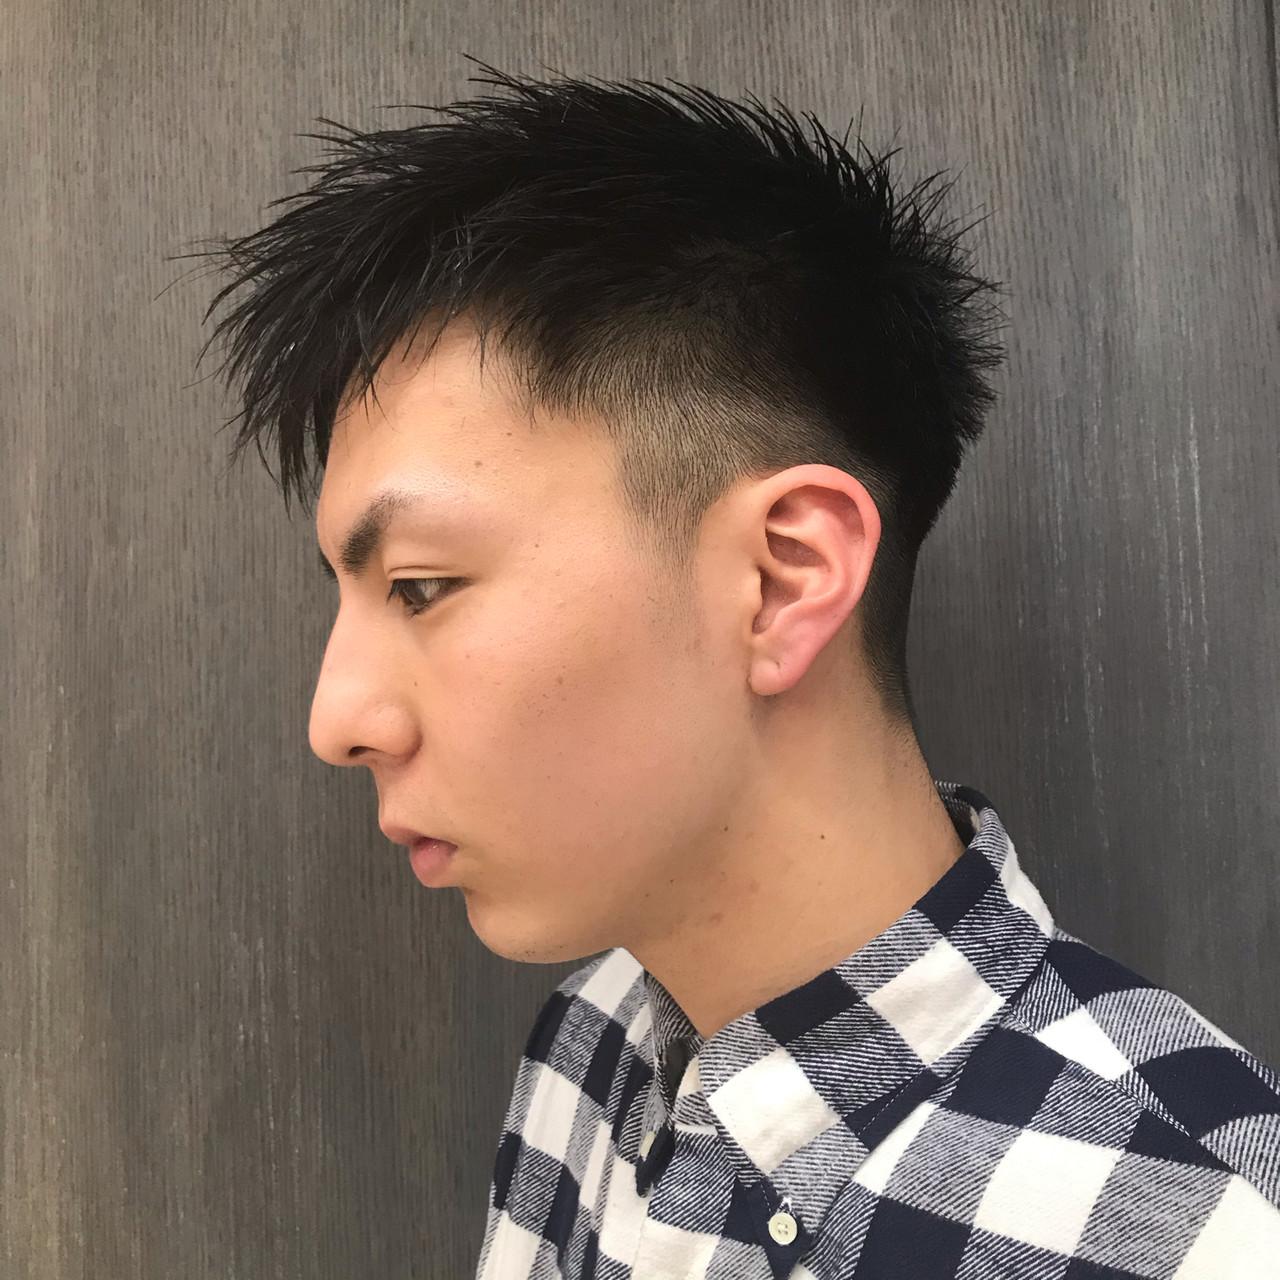 メンズカジュアル ショート ストリート メンズショート ヘアスタイルや髪型の写真・画像